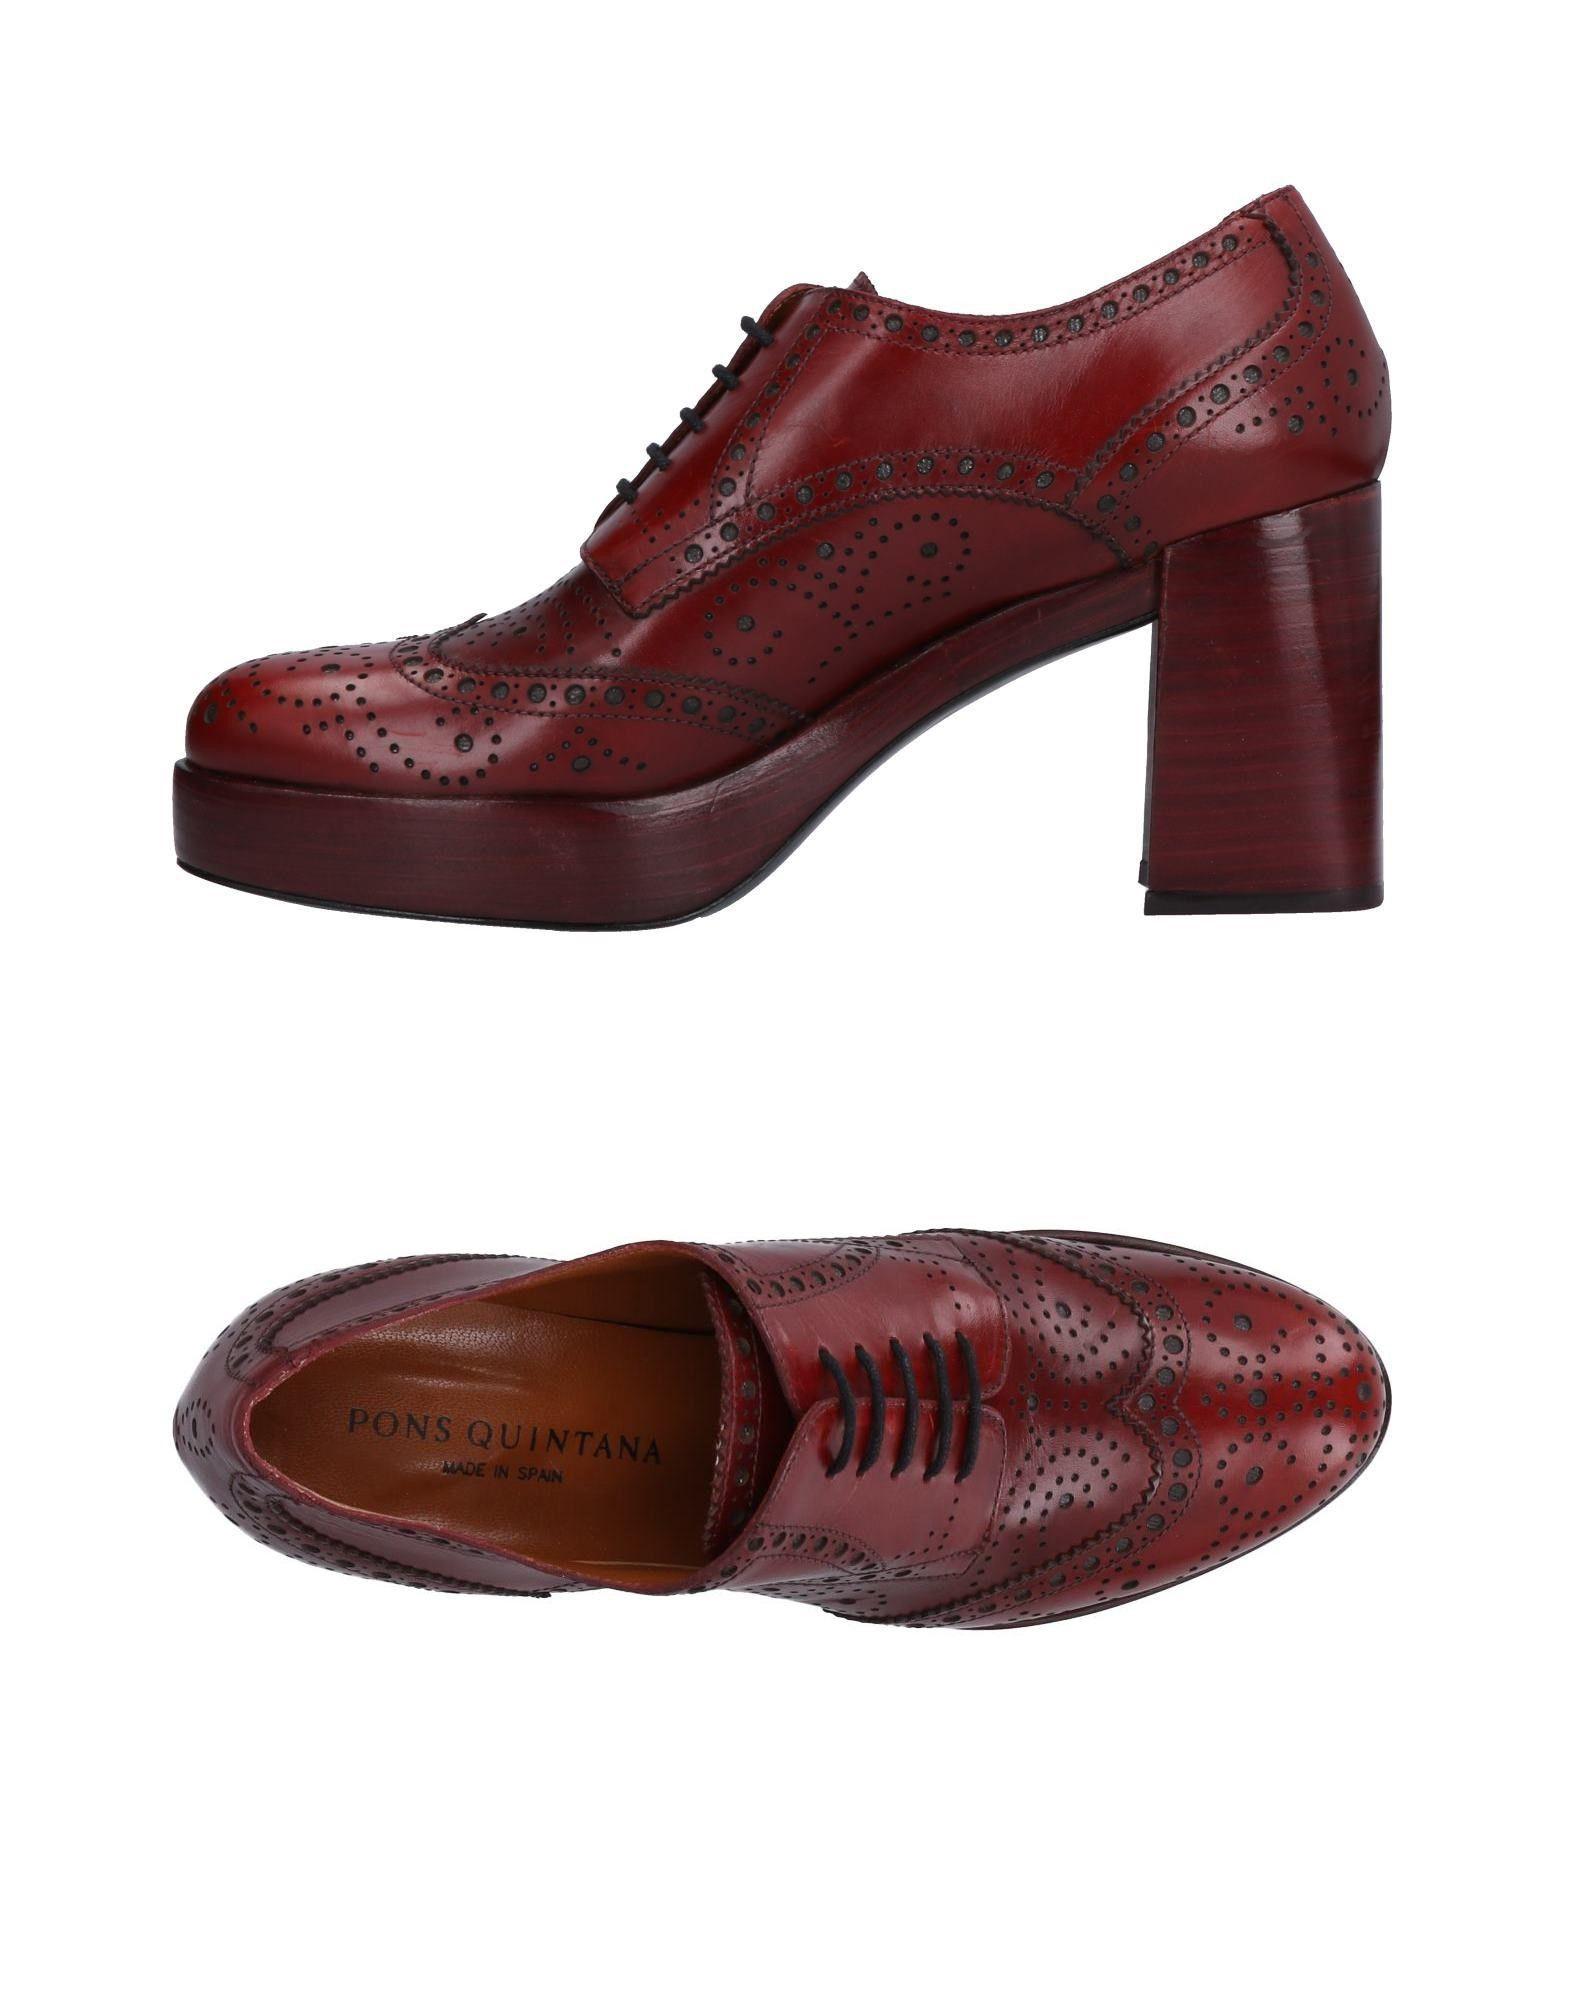 Pons Quintana Schnürschuhe Damen  11503704IP Gute Qualität beliebte Schuhe